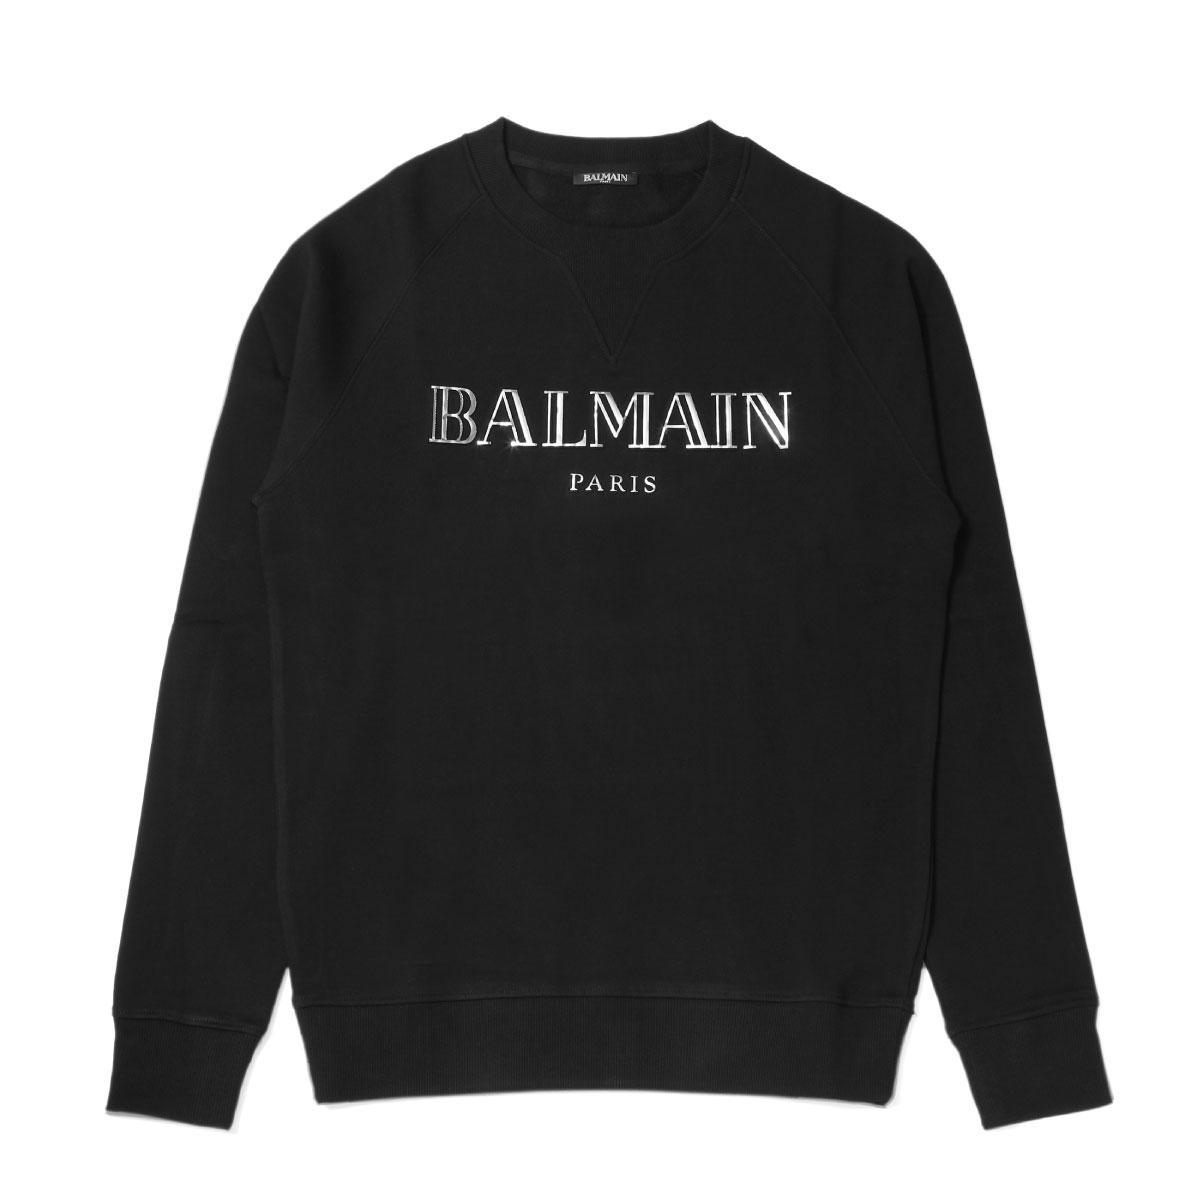 バルマン BALMAIN スウェット メンズ SH13279I106 EAC 長袖スウェット NOIR ブラック